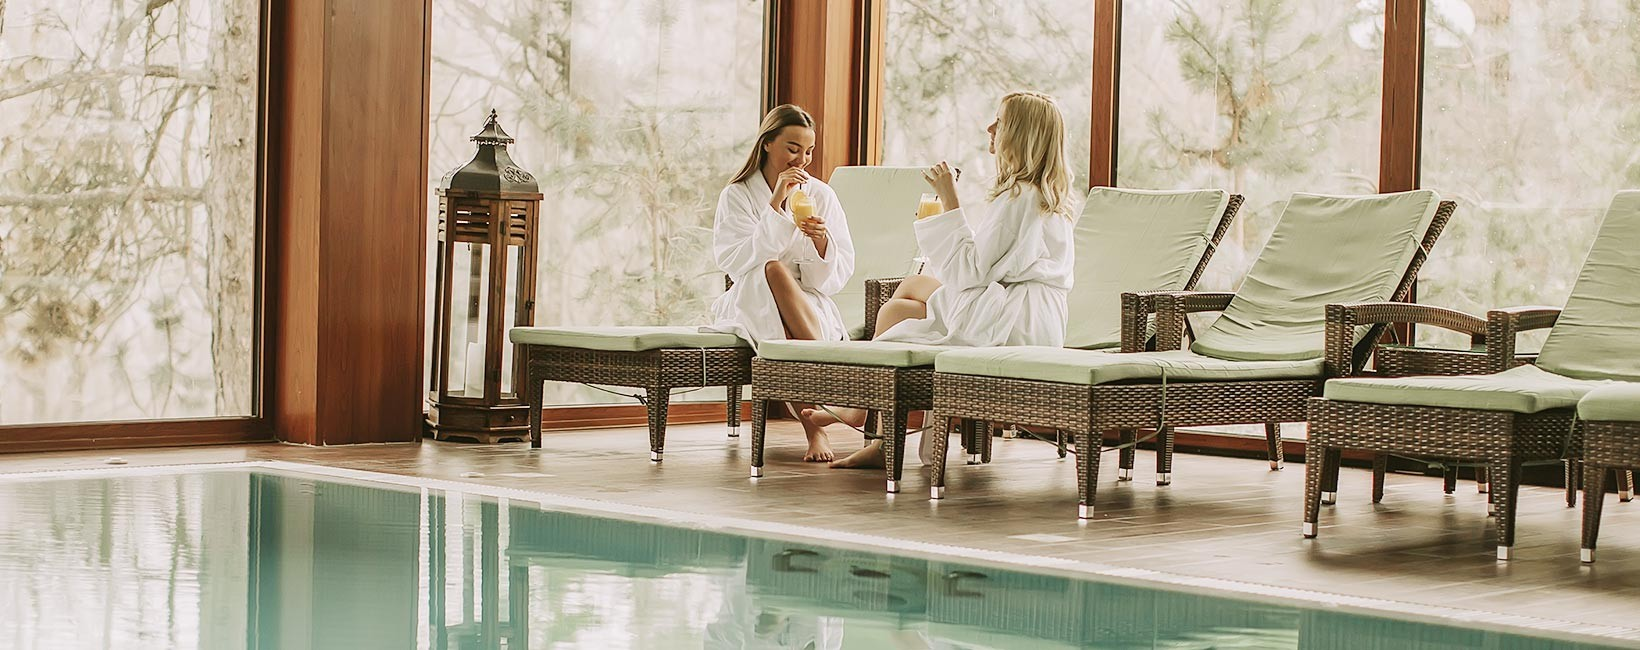 Themenhotels & Gastgeber in Berchtesgaden - Winter